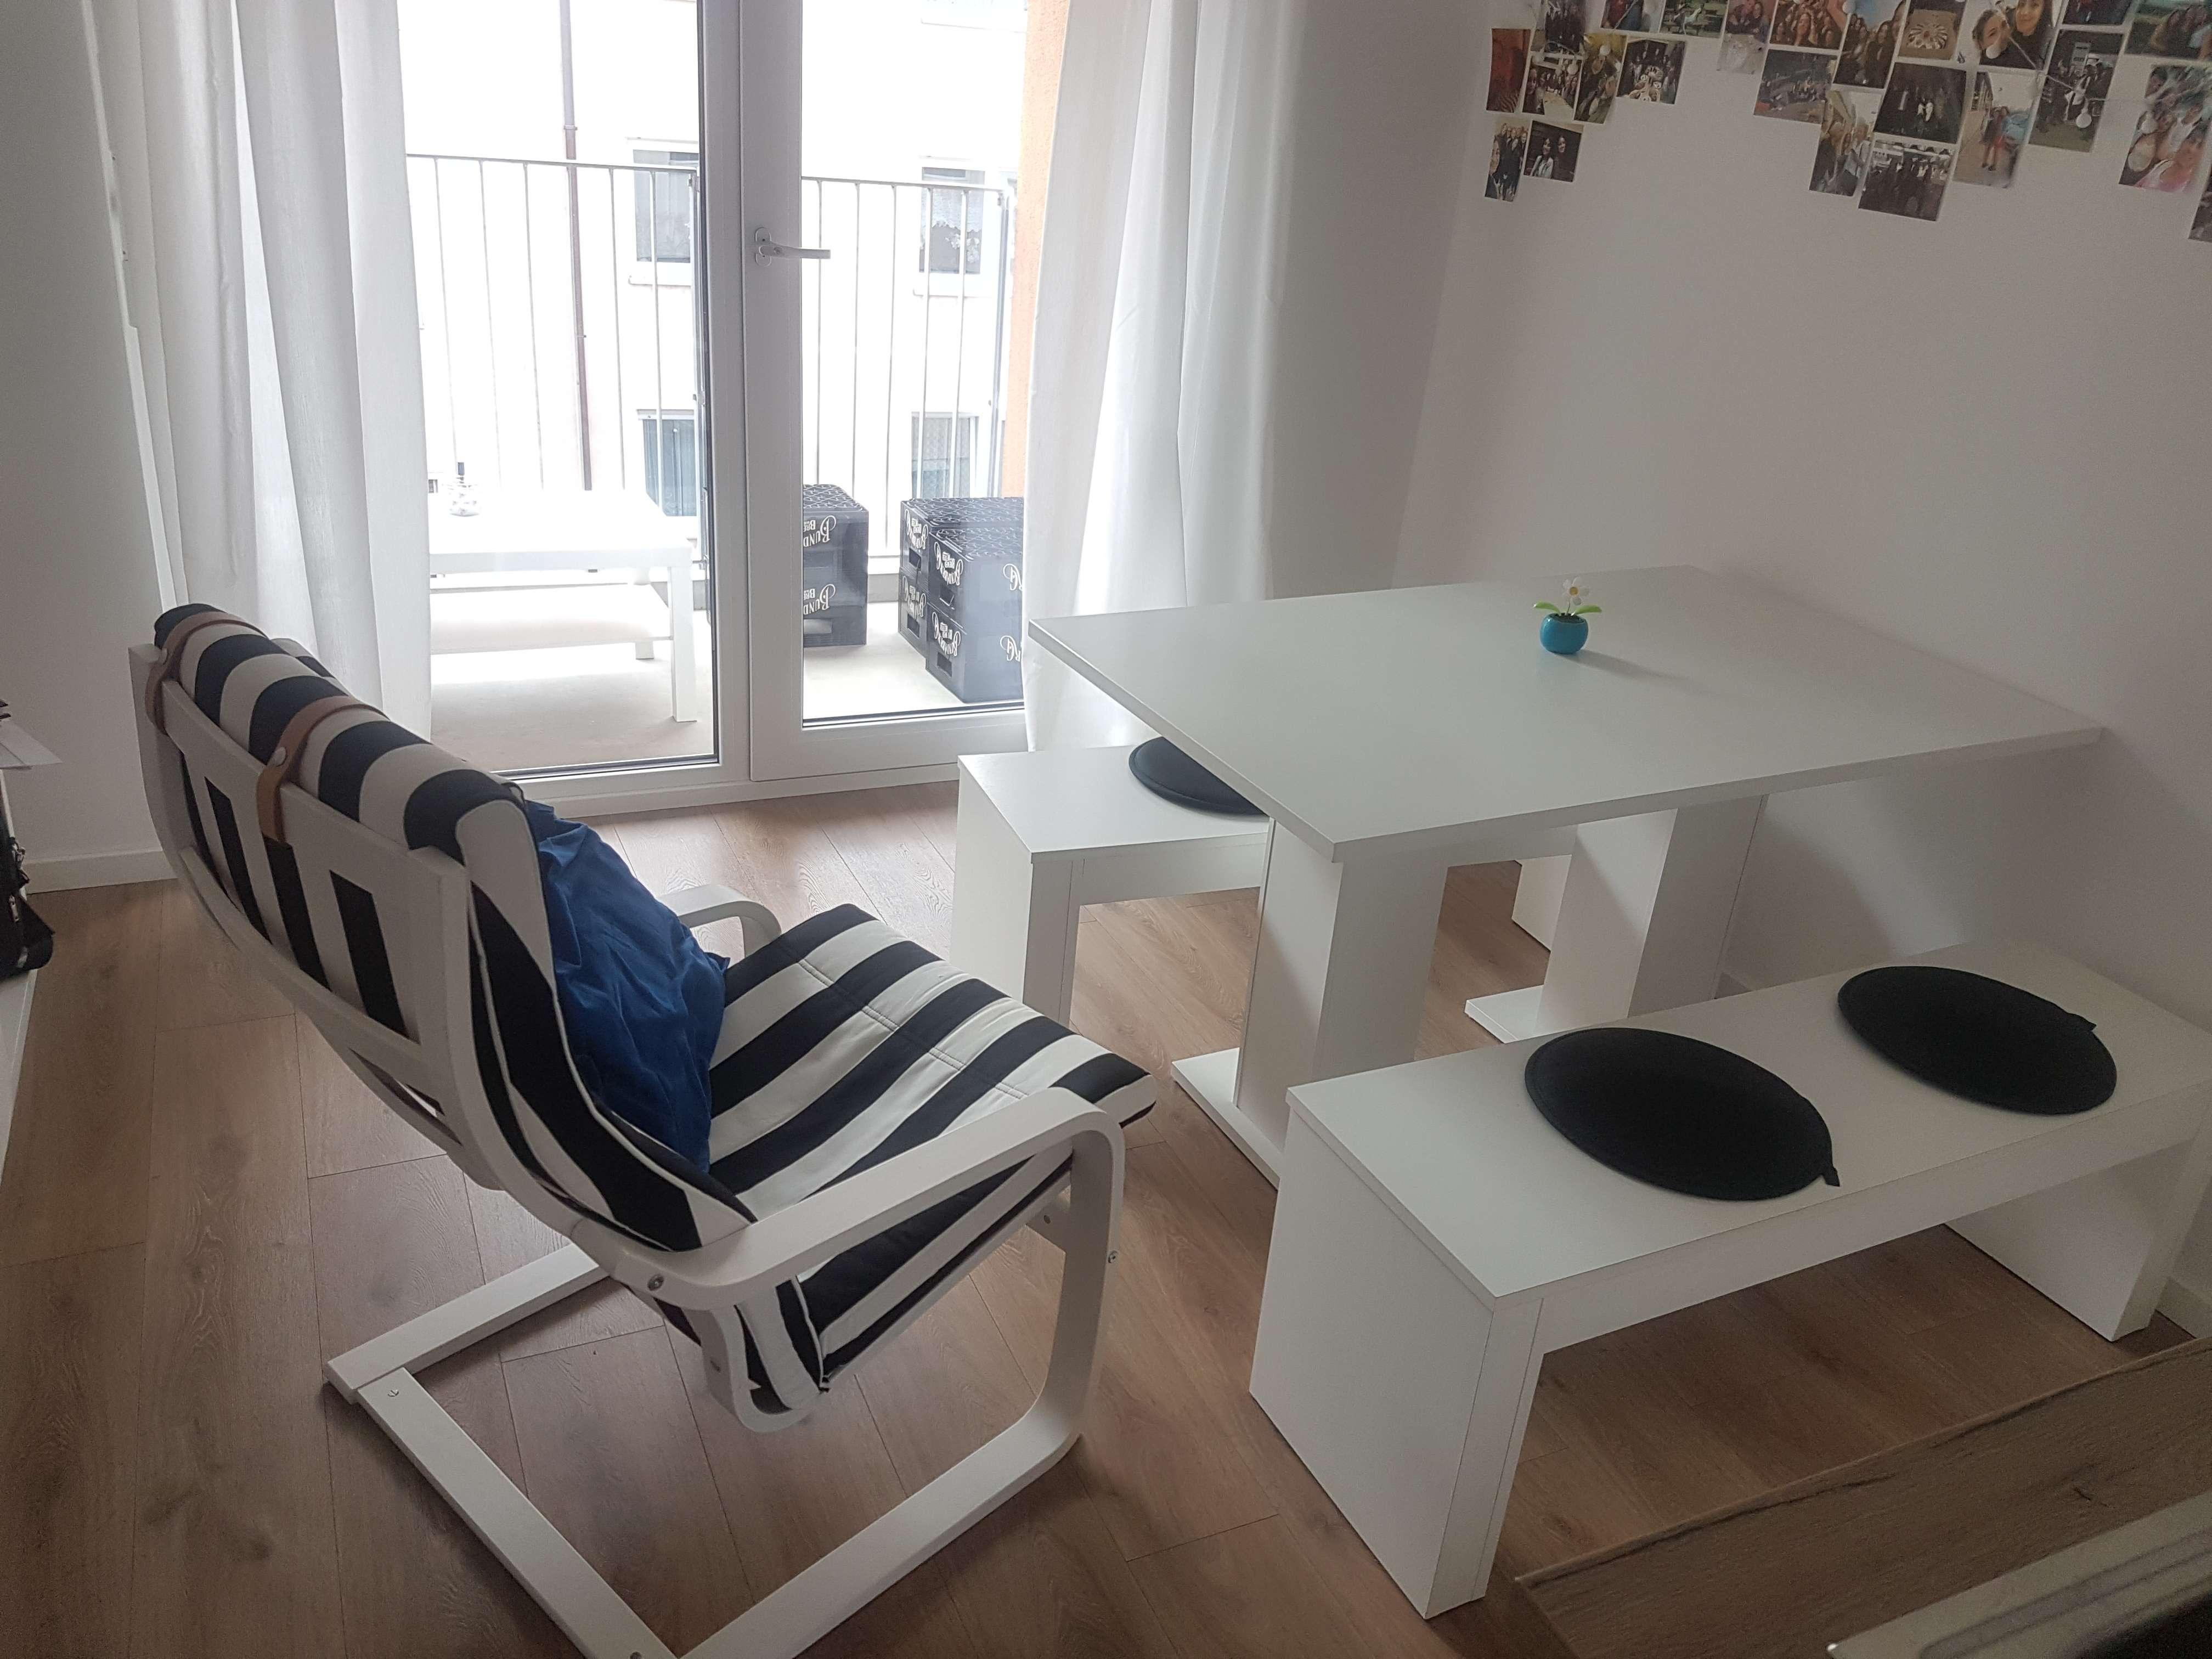 Exklusive 1,5-Zimmer-Wohnung mit Balkon und Einbauküche in Nürnberg in